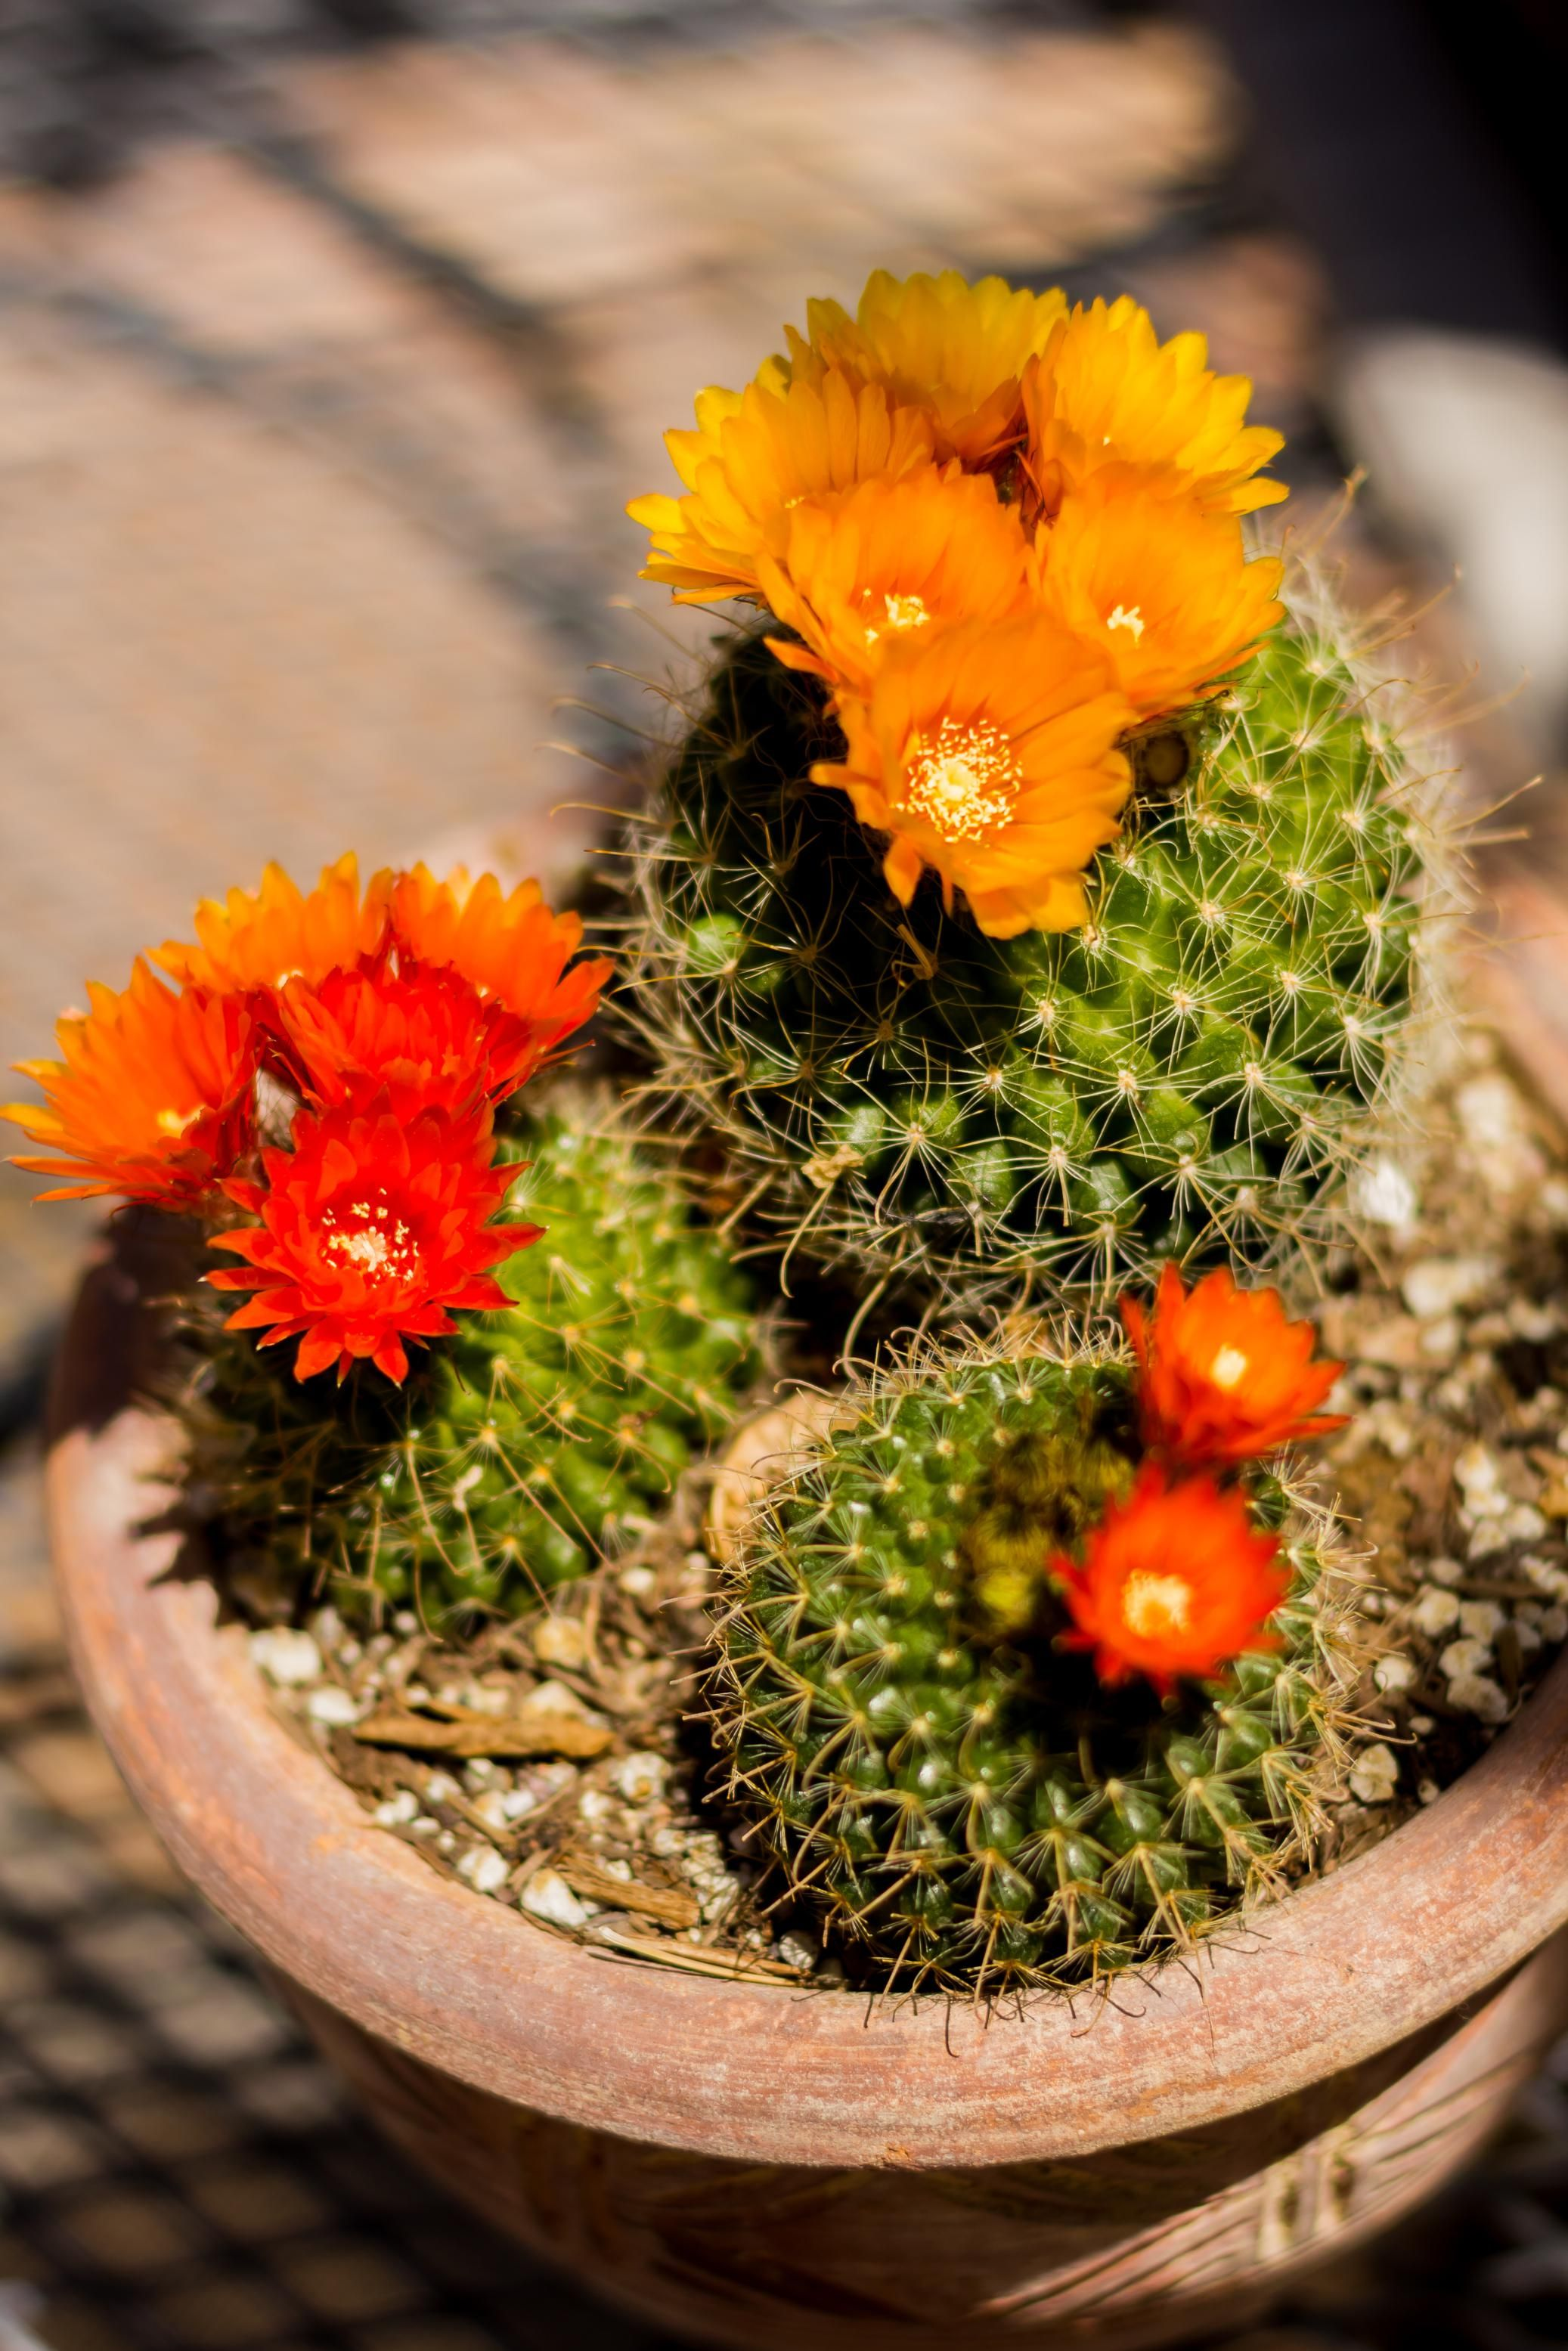 Rebutia cactus spring flowers cactus and succulents pinterest rebutia cactus spring flowers cacti and succulents spring flowers cactus plants plants mightylinksfo